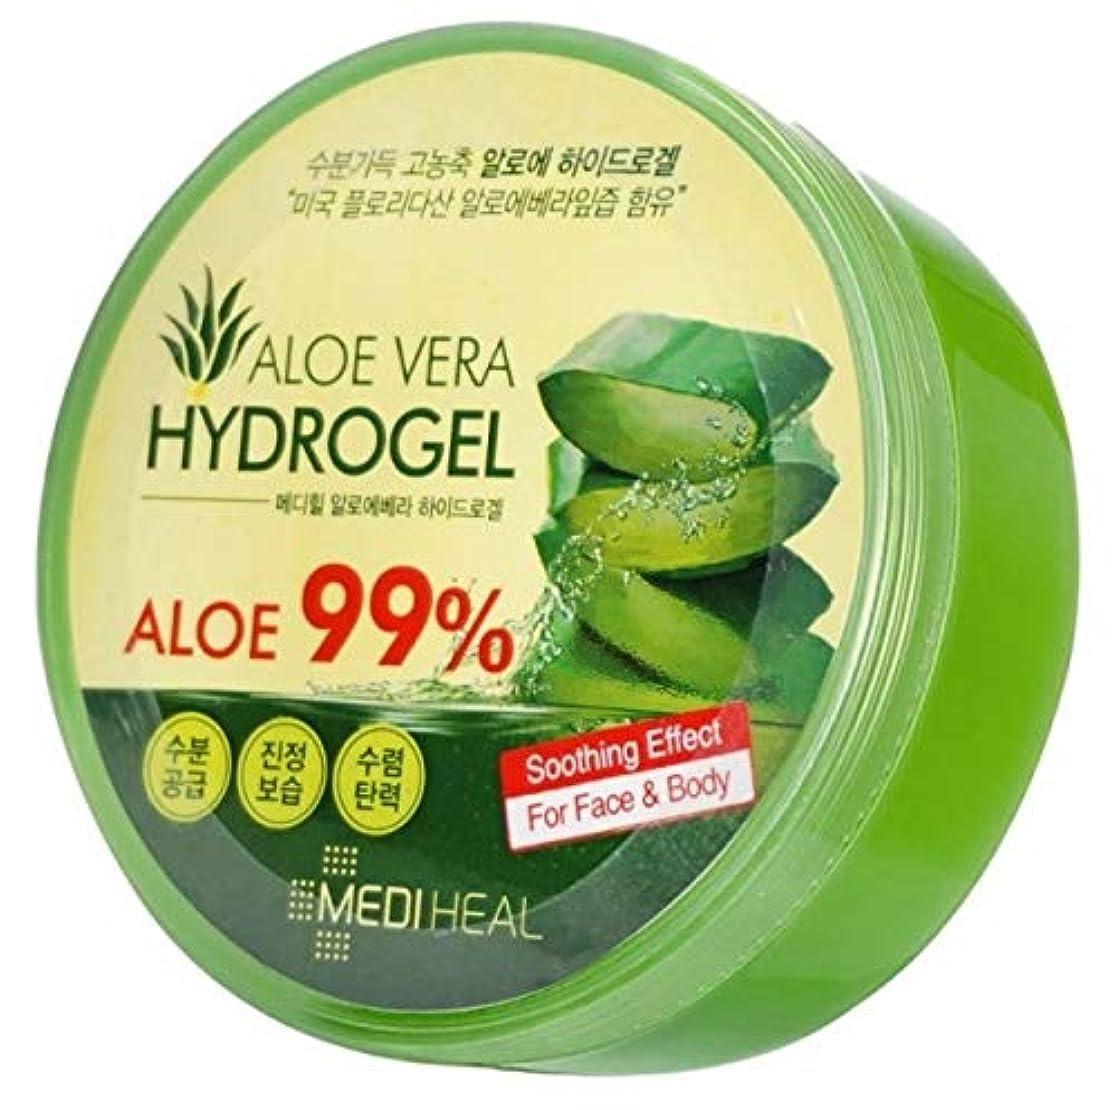 認可驚き屋内でMediheal メディヒール Skin Soothing なだめるような & Moisture 水分 99% Aloe アロエ Vera Hydro Gels ハイドロゲル